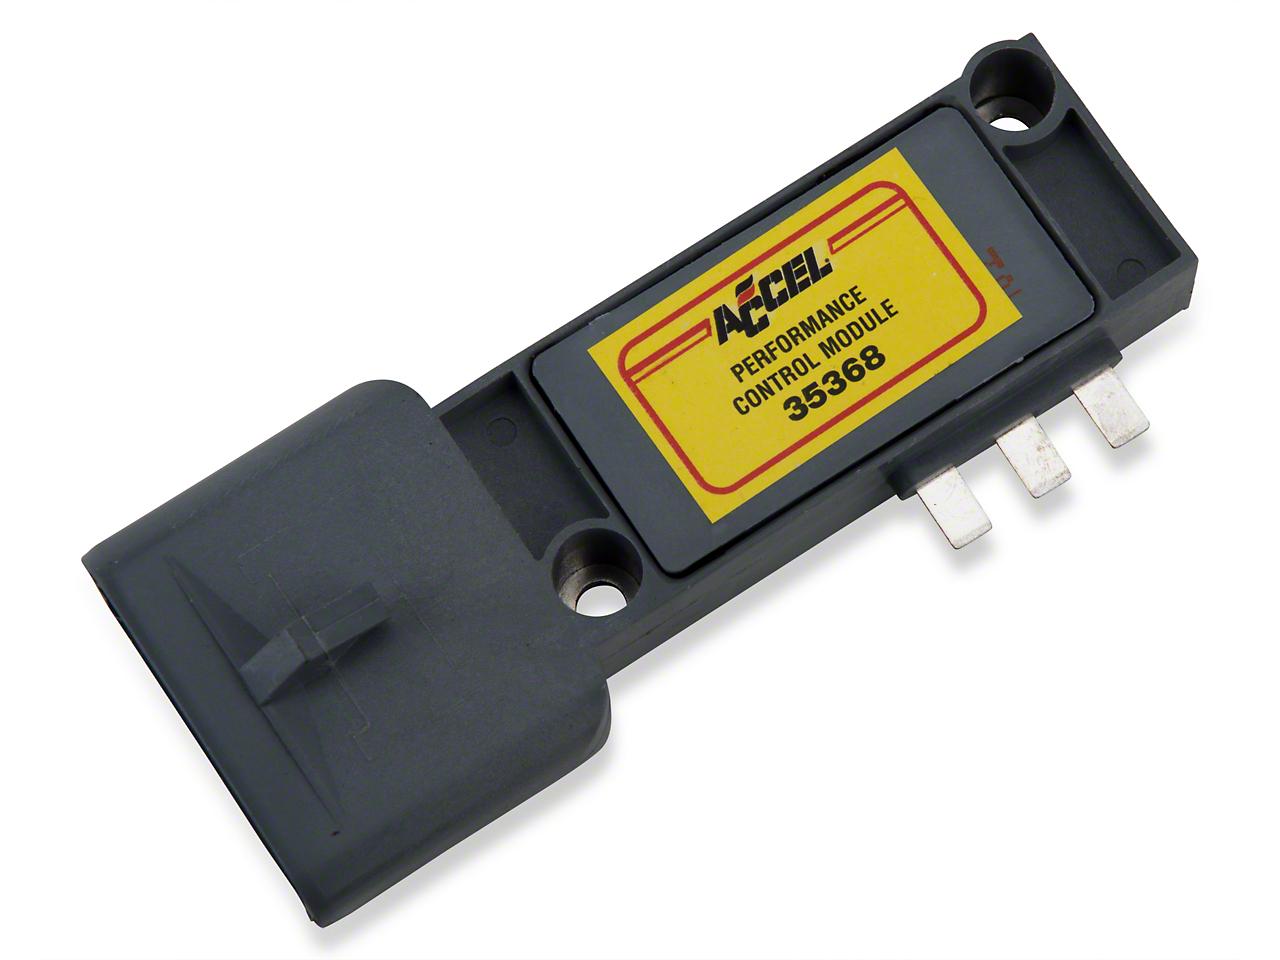 Accel TFI Control Module - Auto (83-93 5.0L)